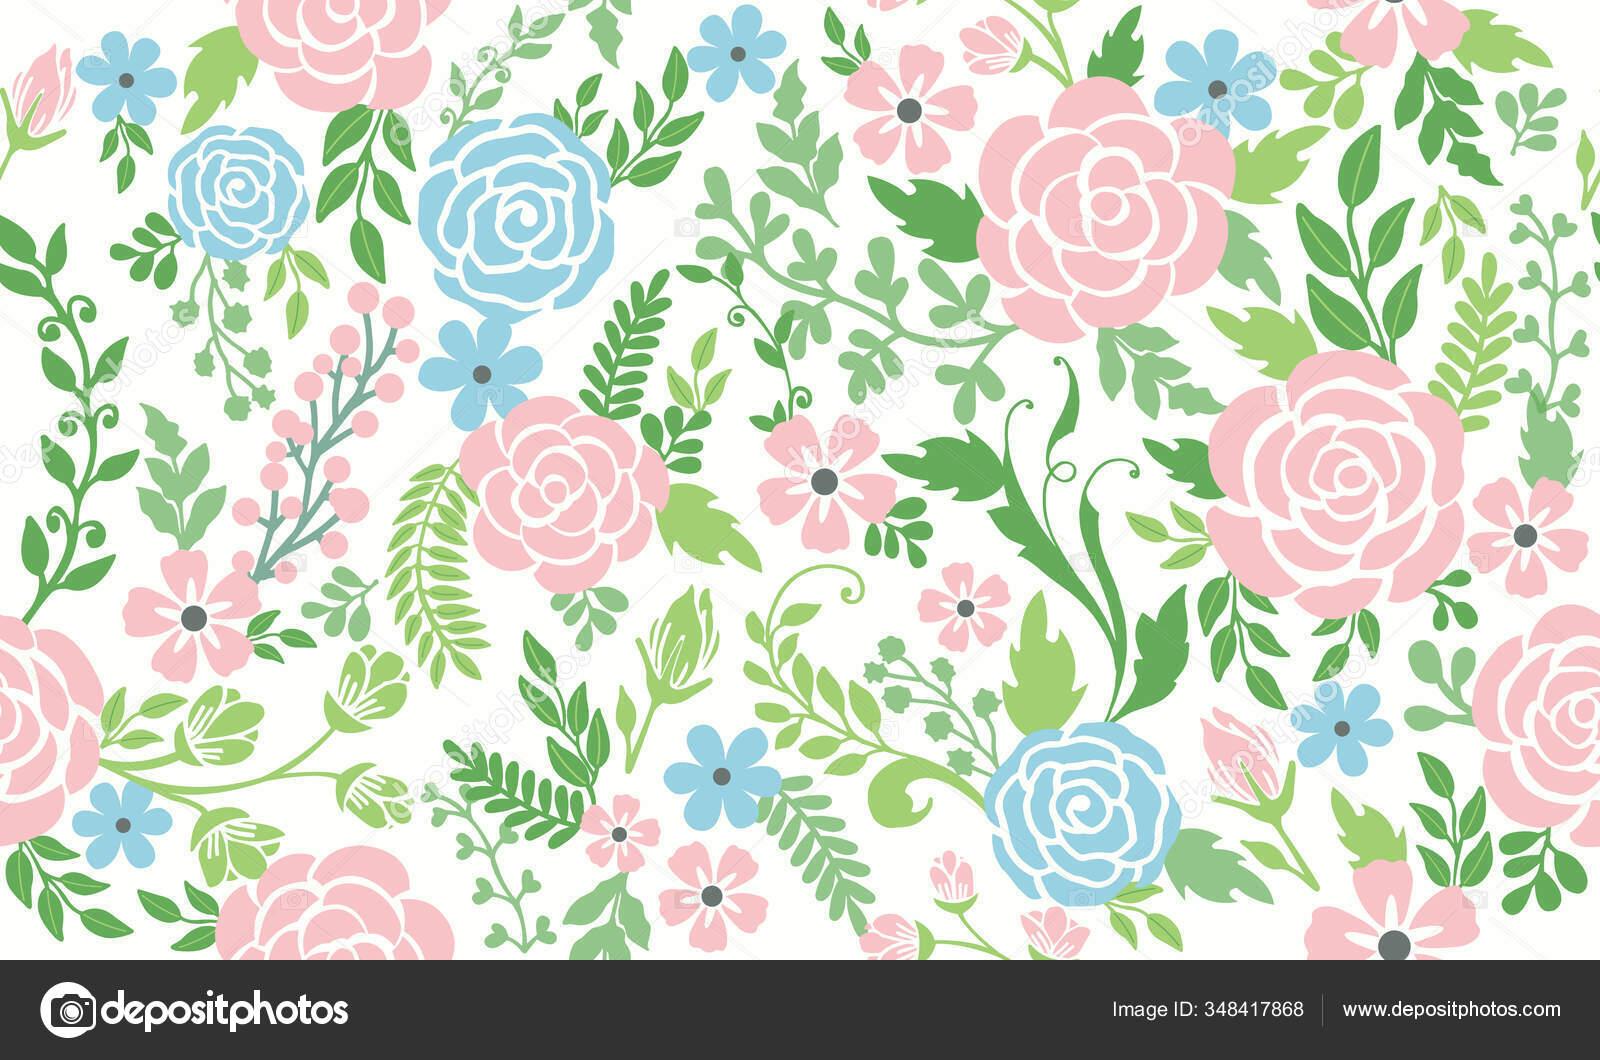 Seamless Spring Flower Leaf Floral Pattern Background Design